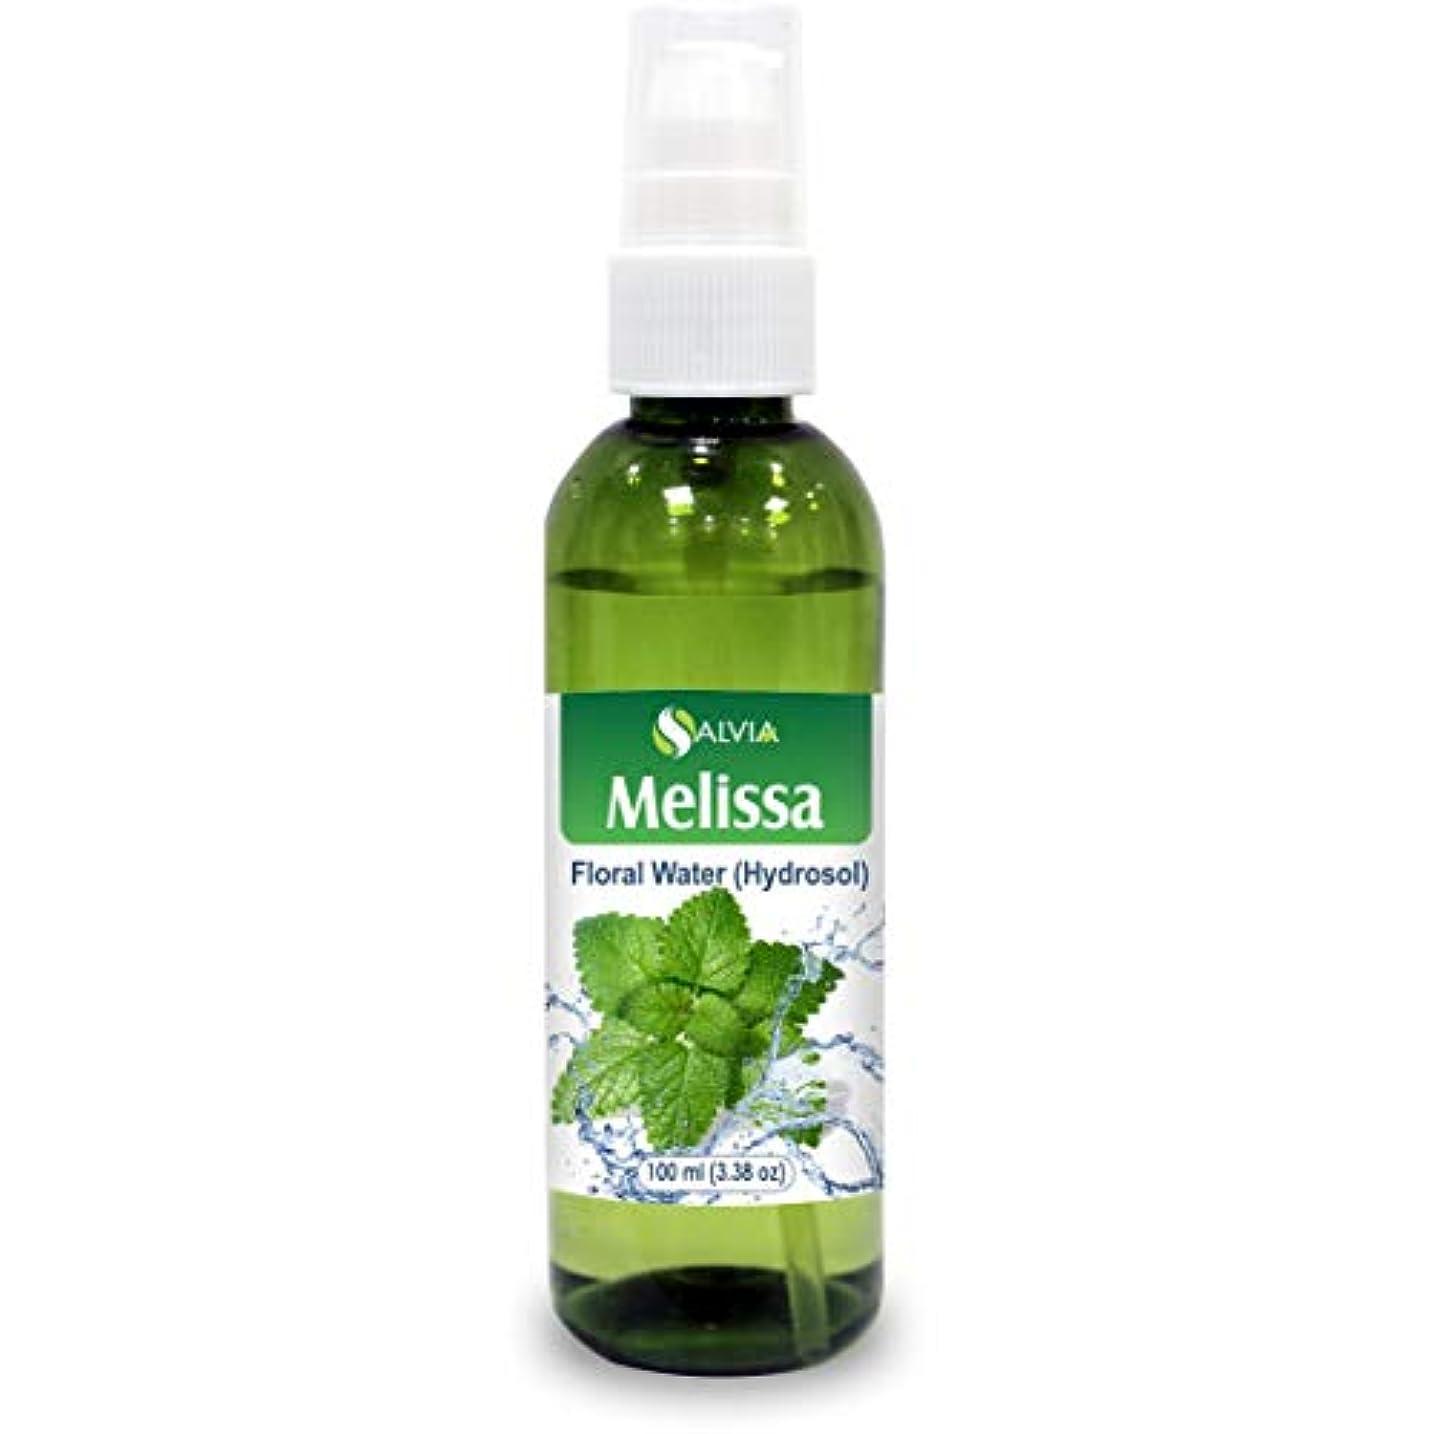 ビザ契約導出Melissa (Lemon Balm) Floral Water 100ml (Hydrosol) 100% Pure And Natural